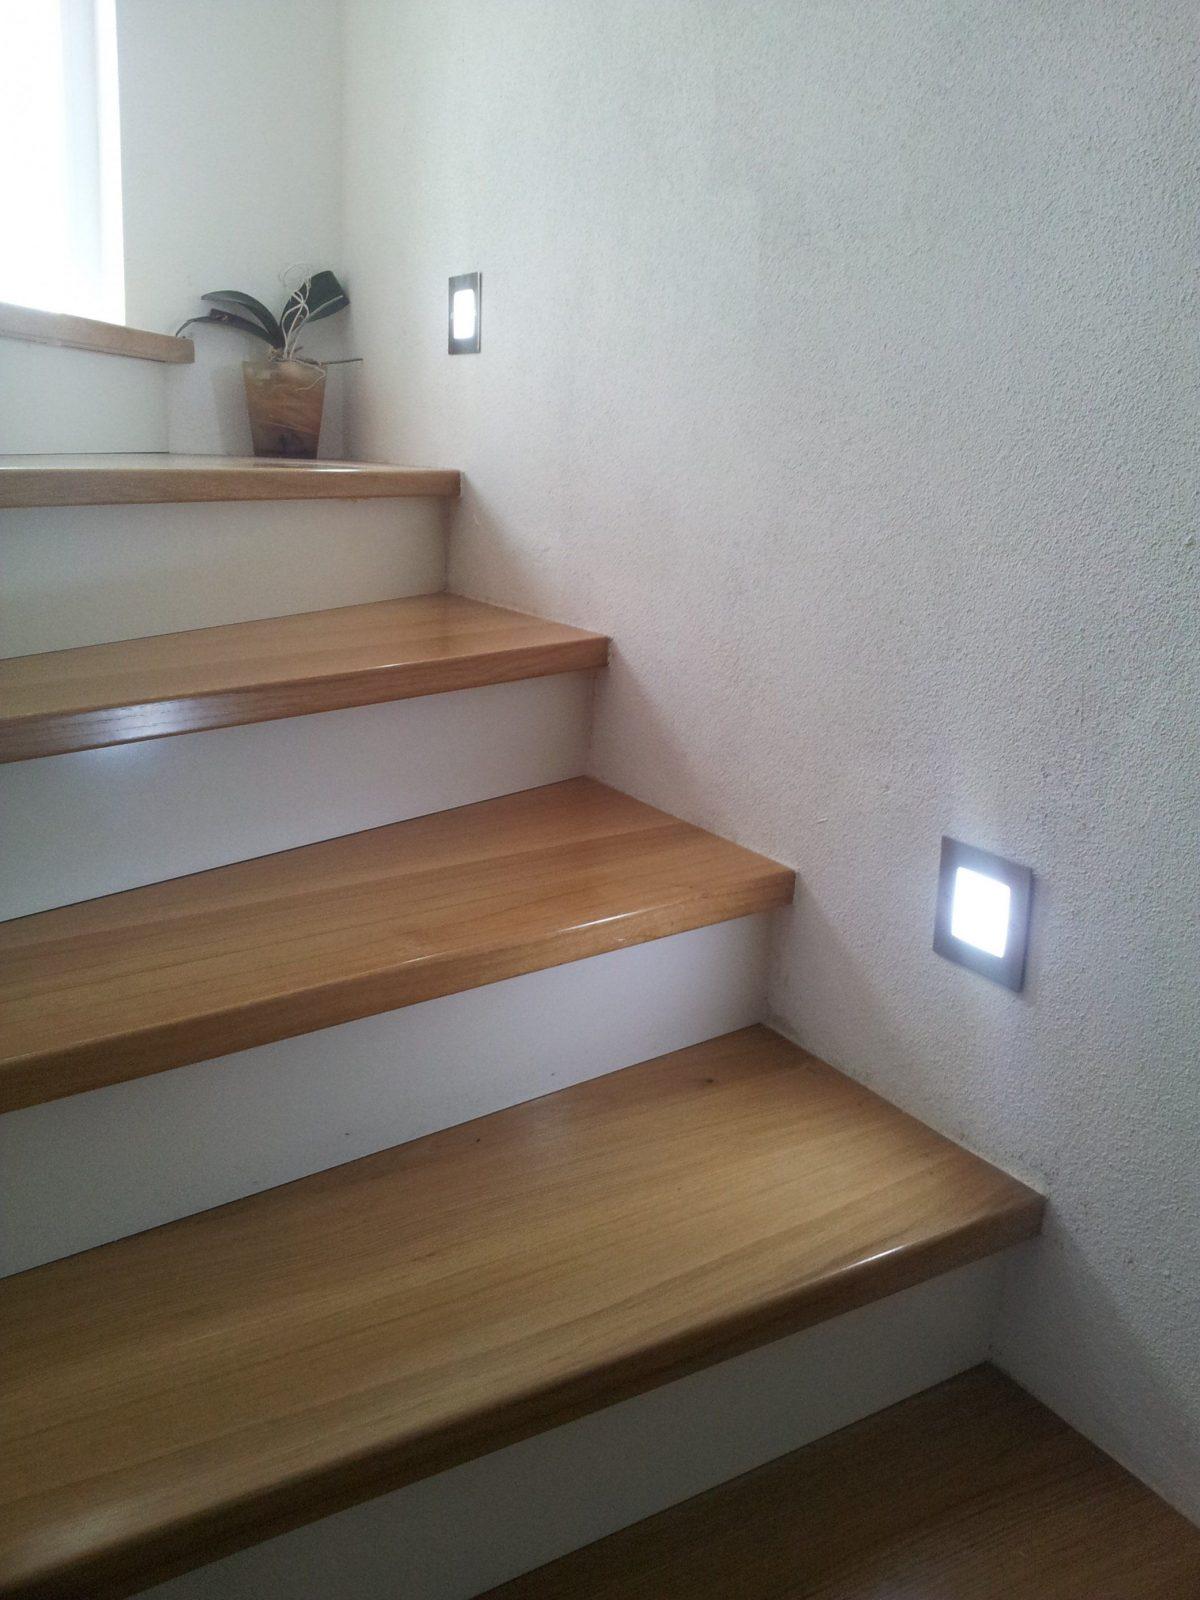 Led Treppenbeleuchtung  Led Flurbeleuchtung  Led Orientierungslicht von Led Treppenlicht Mit Bewegungsmelder Bild